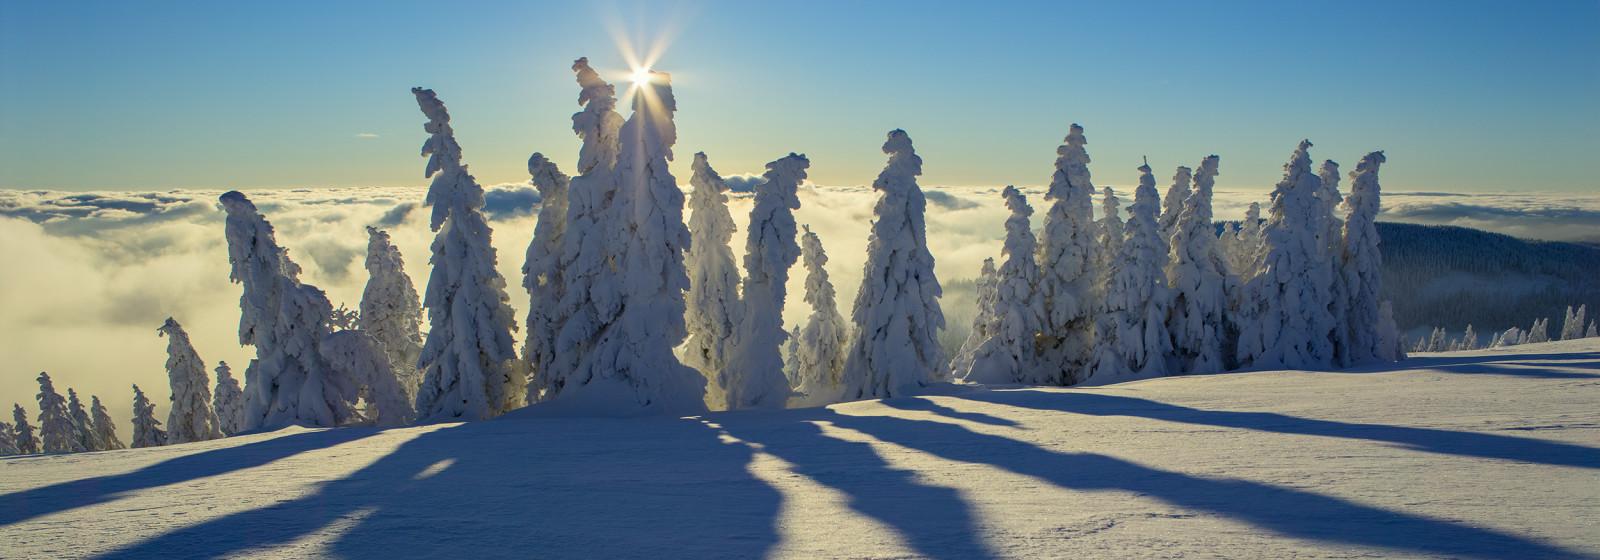 Winterwald im Gipfelbereich des Feldbergs, Schwarzwald, Baden-Wuertemberg, Deutschland